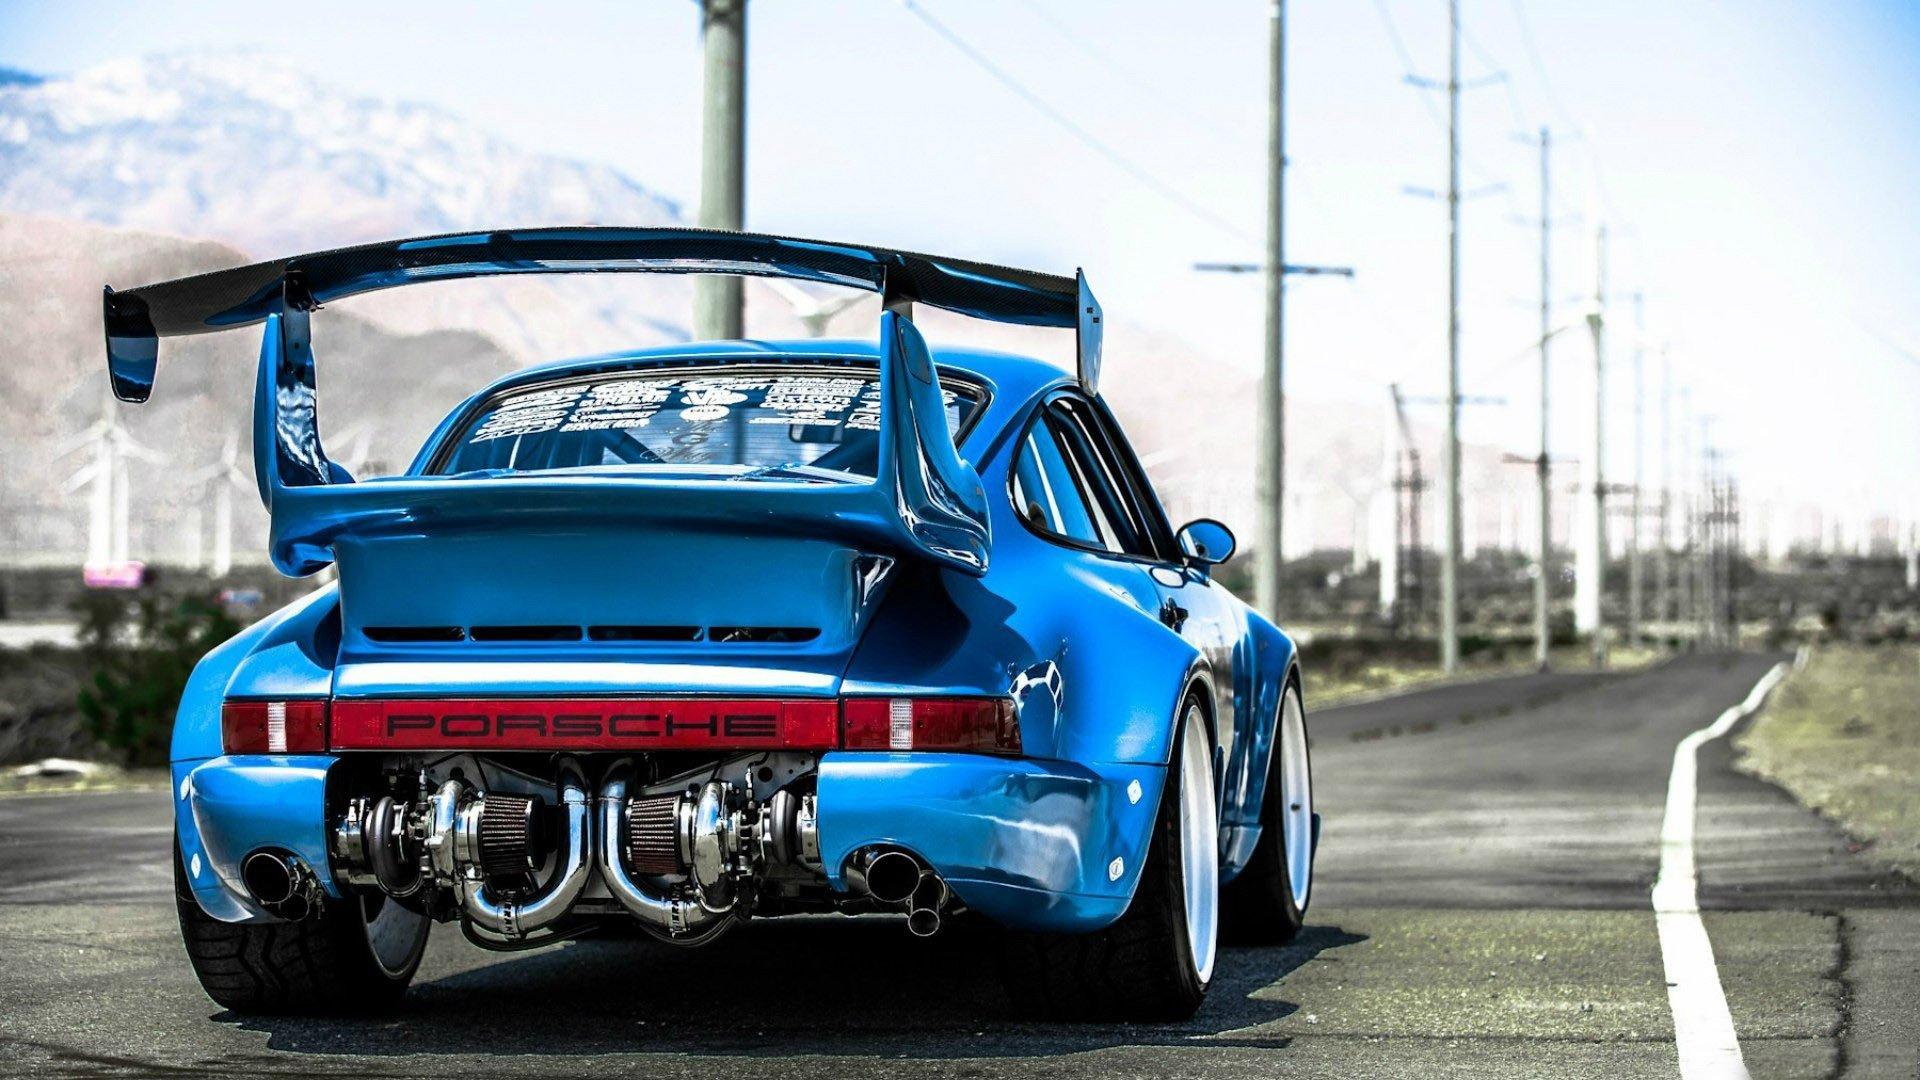 Gemballa Porsche 911 Car Hd Wallpaper 1920x1080 6140